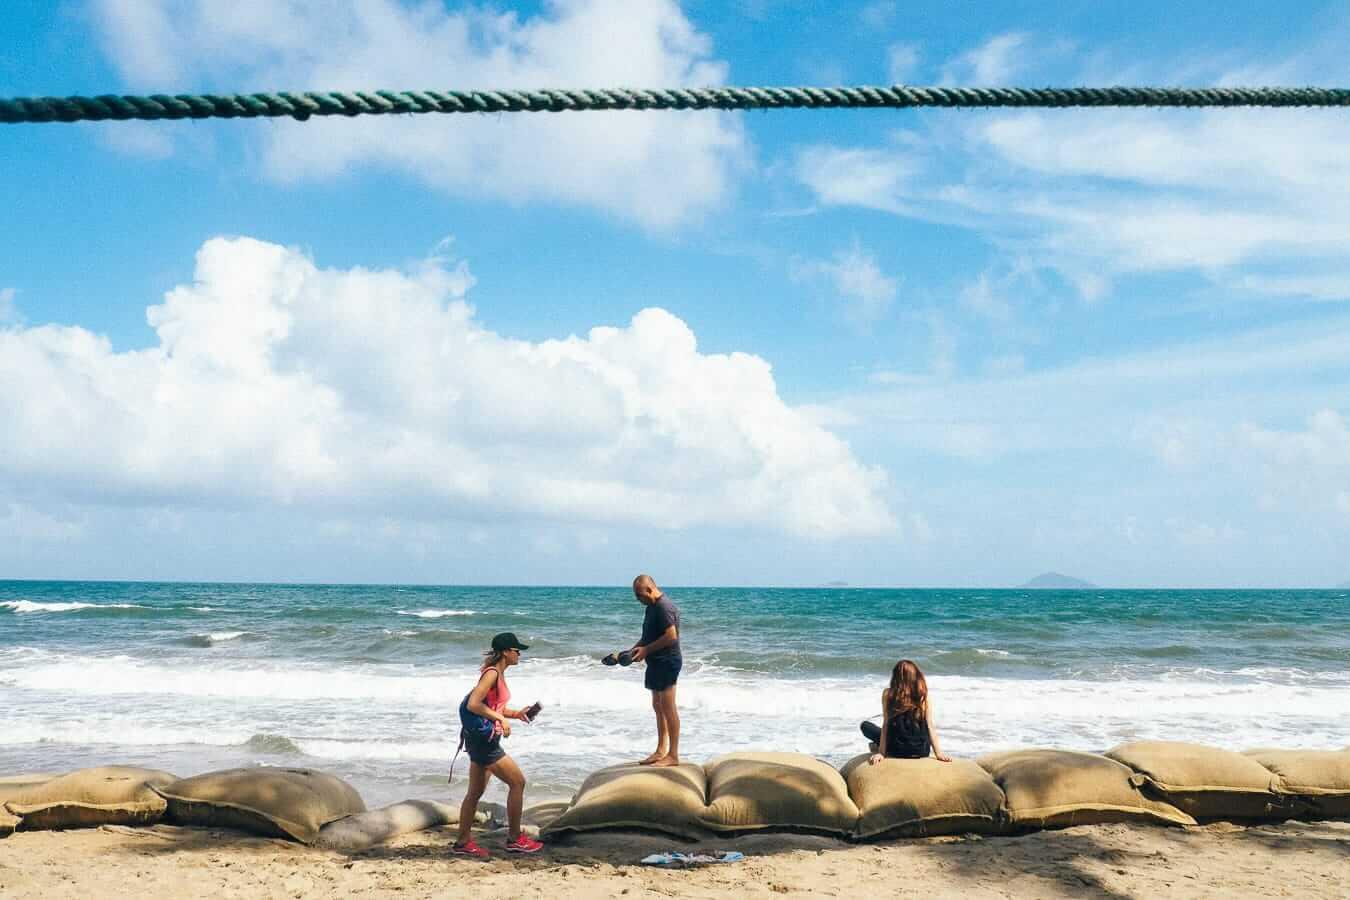 Visitors at Cua Dai beach